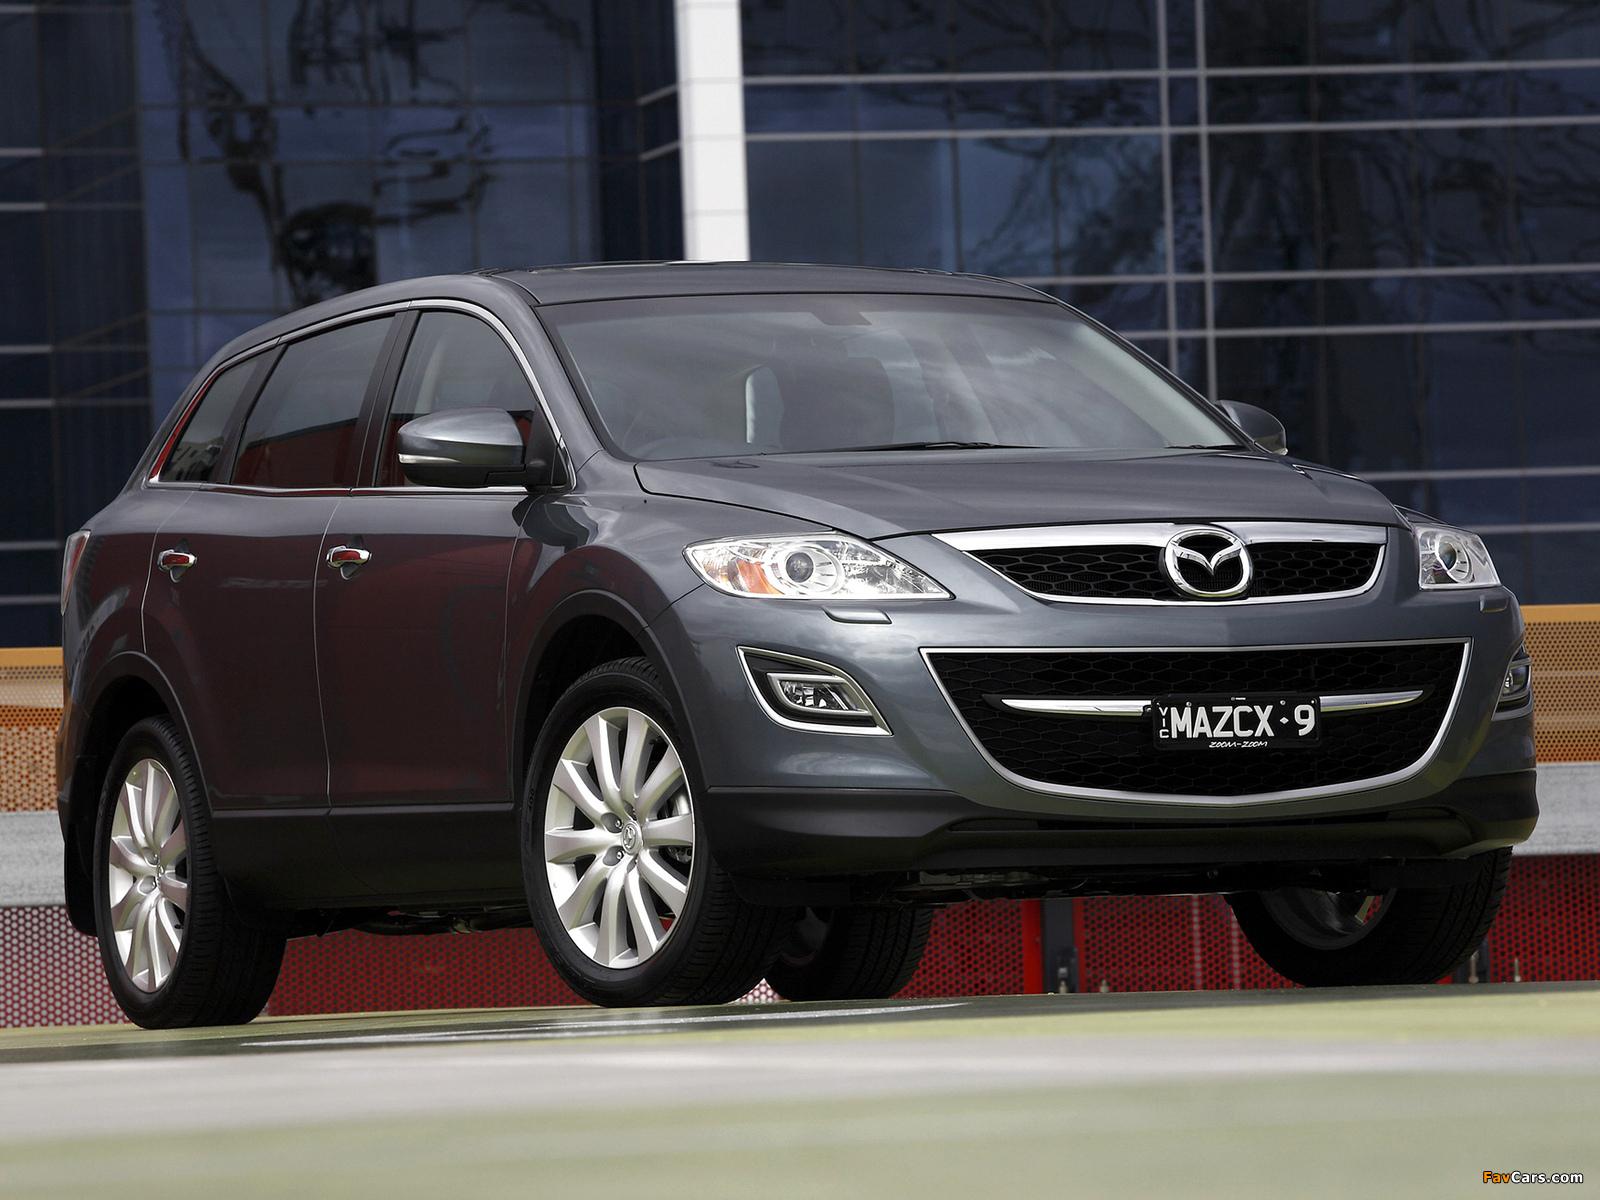 Pictures Of Mazda Cx 9 Au Spec 2009 1600x1200